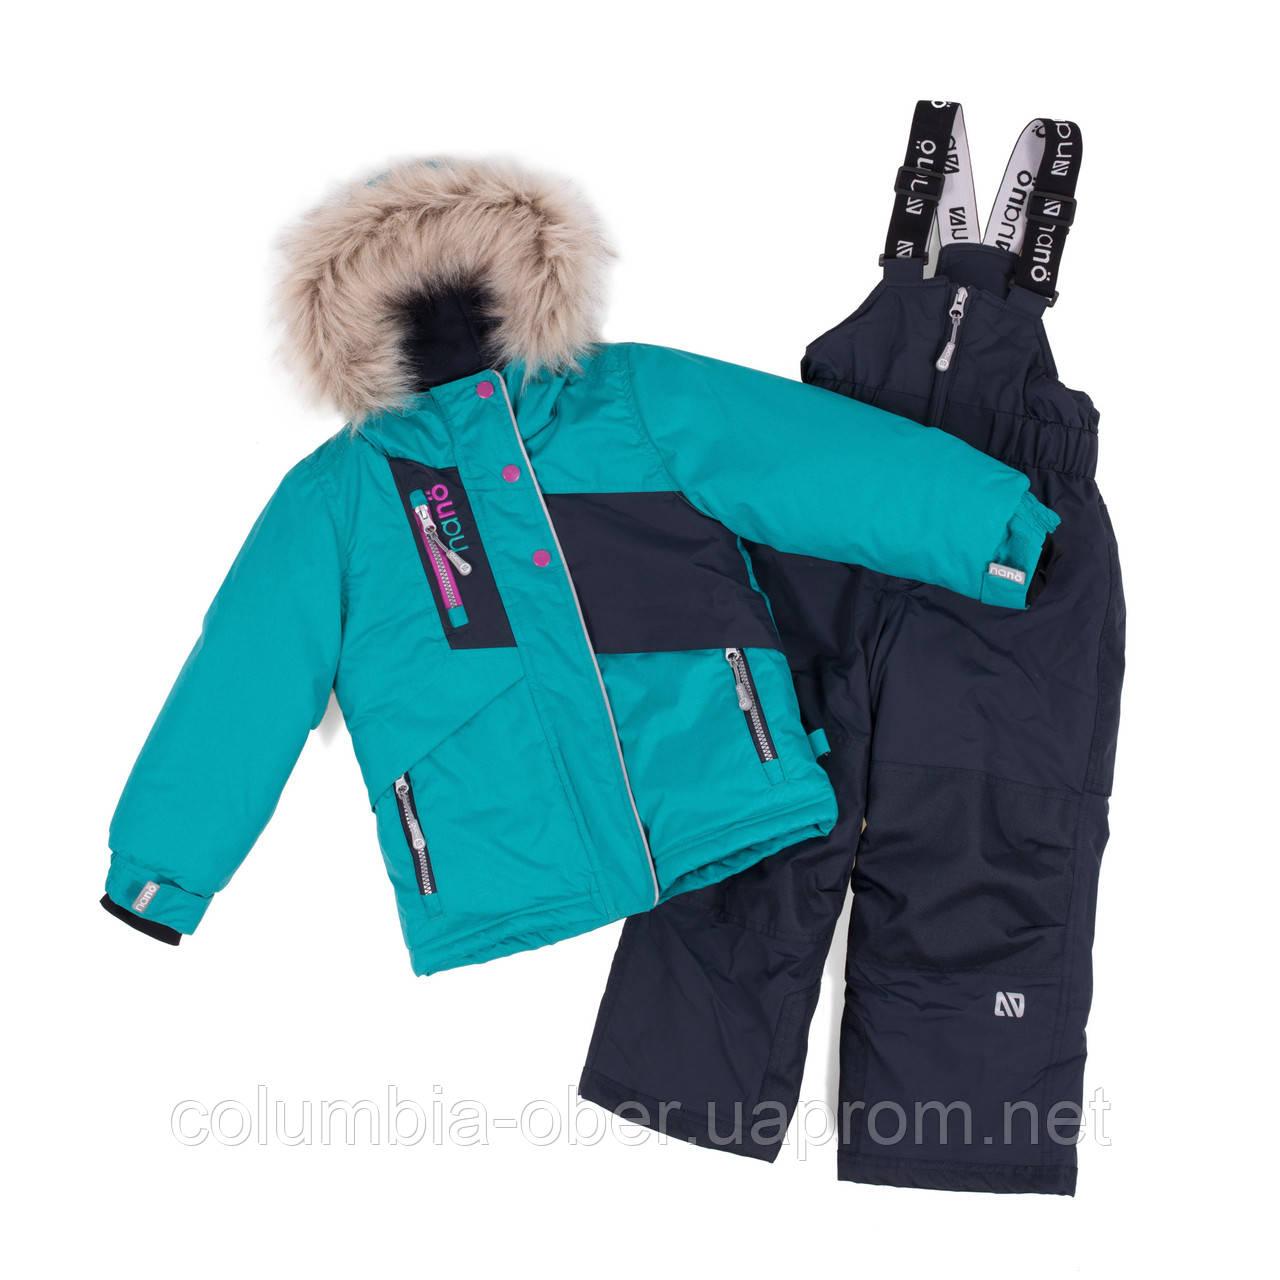 Зимний комплект для девочки NANO F18 M 280 New Paon. Размеры 5-12.